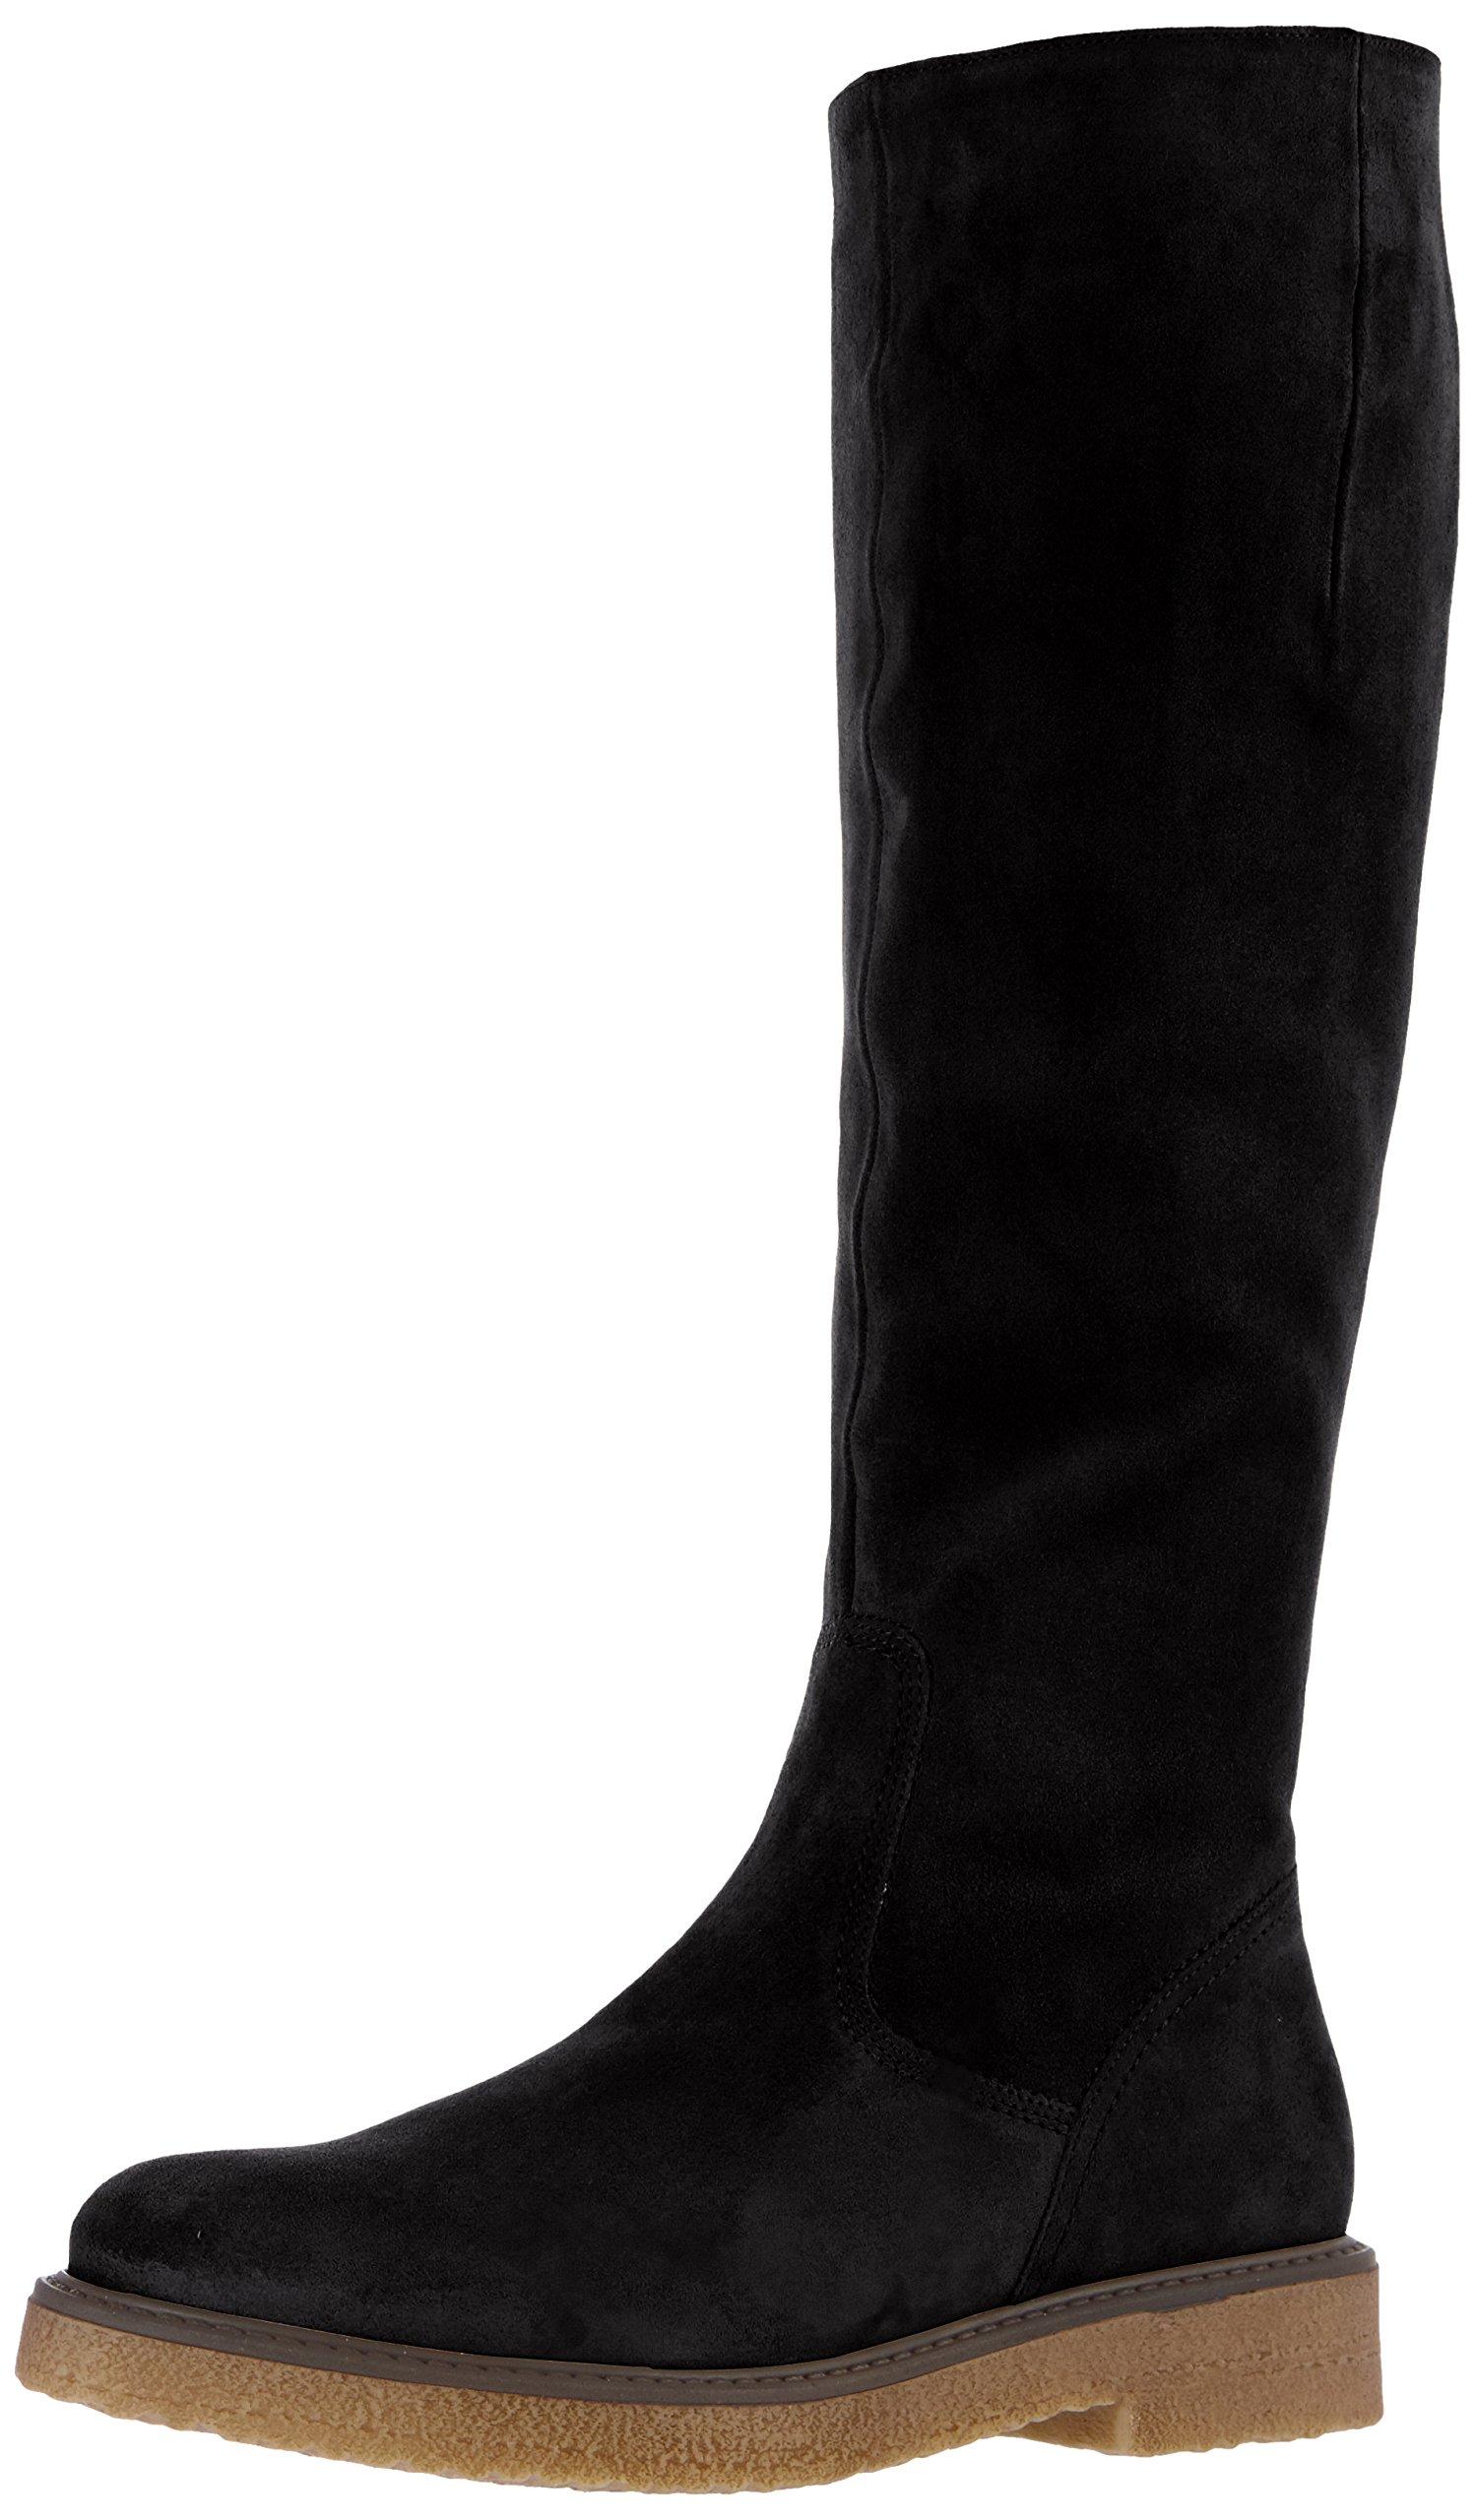 Gabor 5 Shoes FemmeNoirschwarz40 Eu FashionBottes gy7f6b